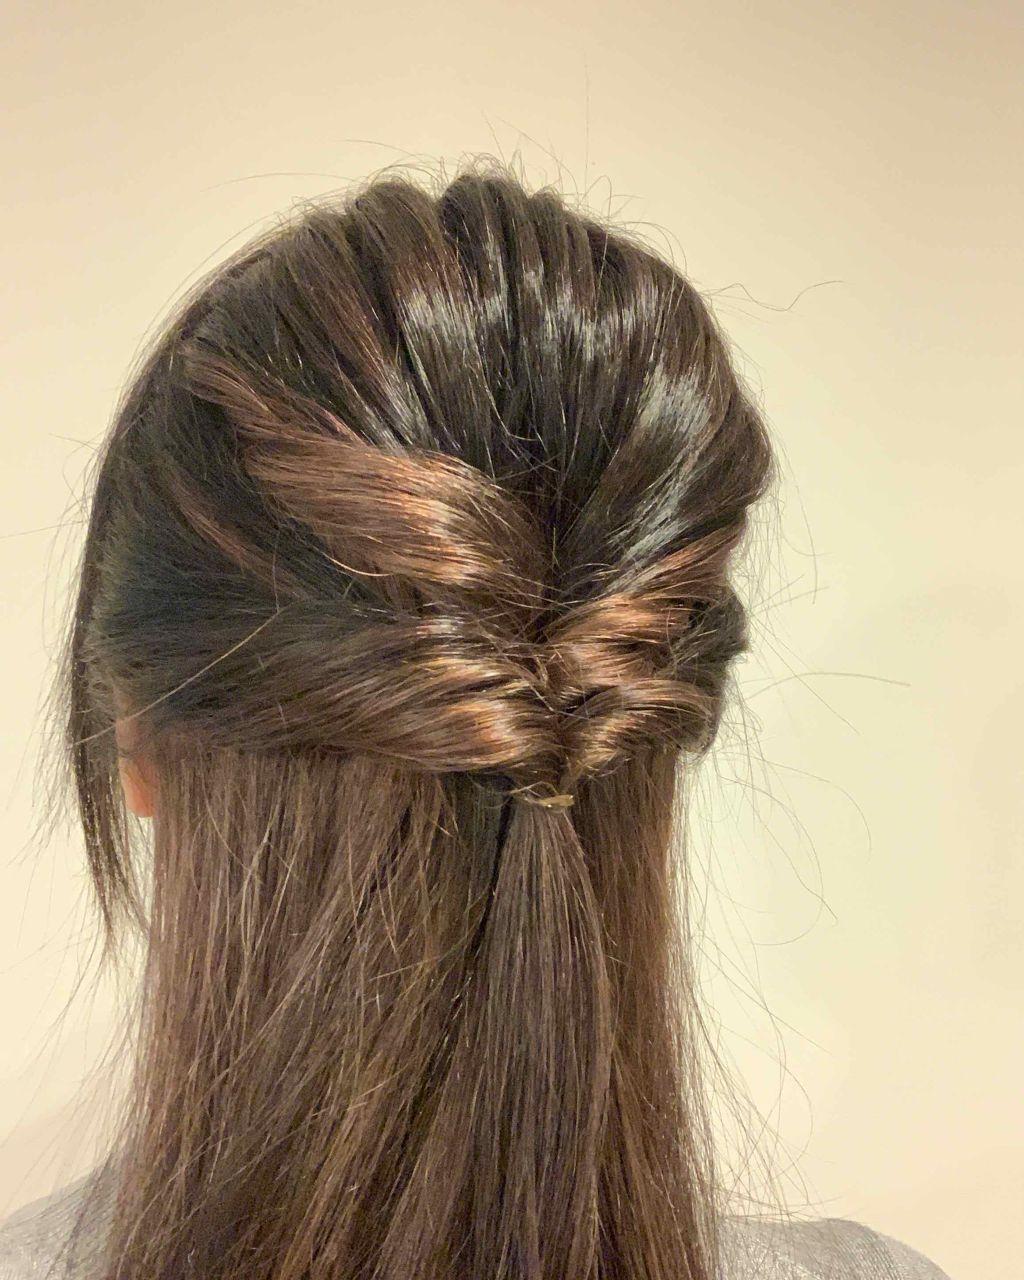 日系甜美女神風「反轉編髮」自己來超簡單!日本女孩們的編髮教學不藏私大公開   美髮,造型,髮型,How To ...